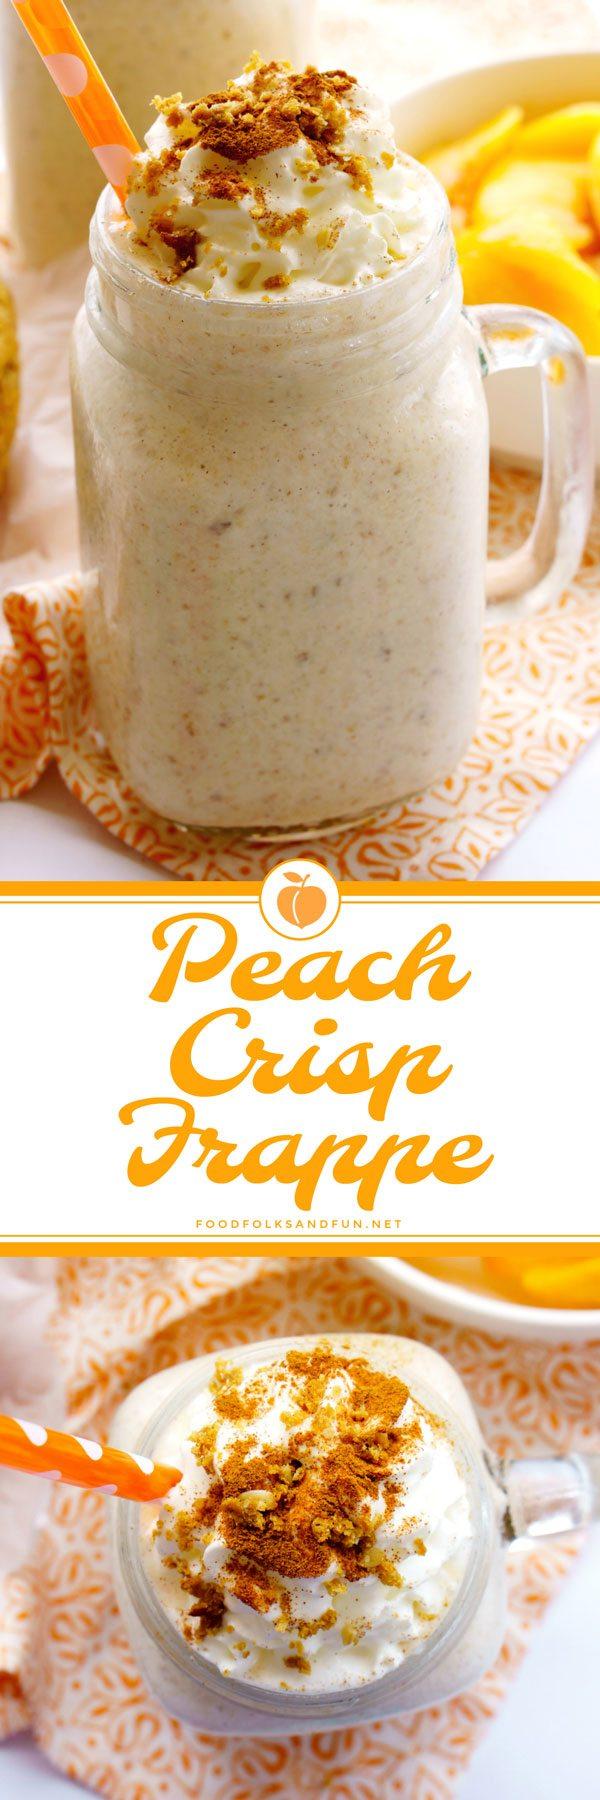 Peach Crisp made into a Frappe